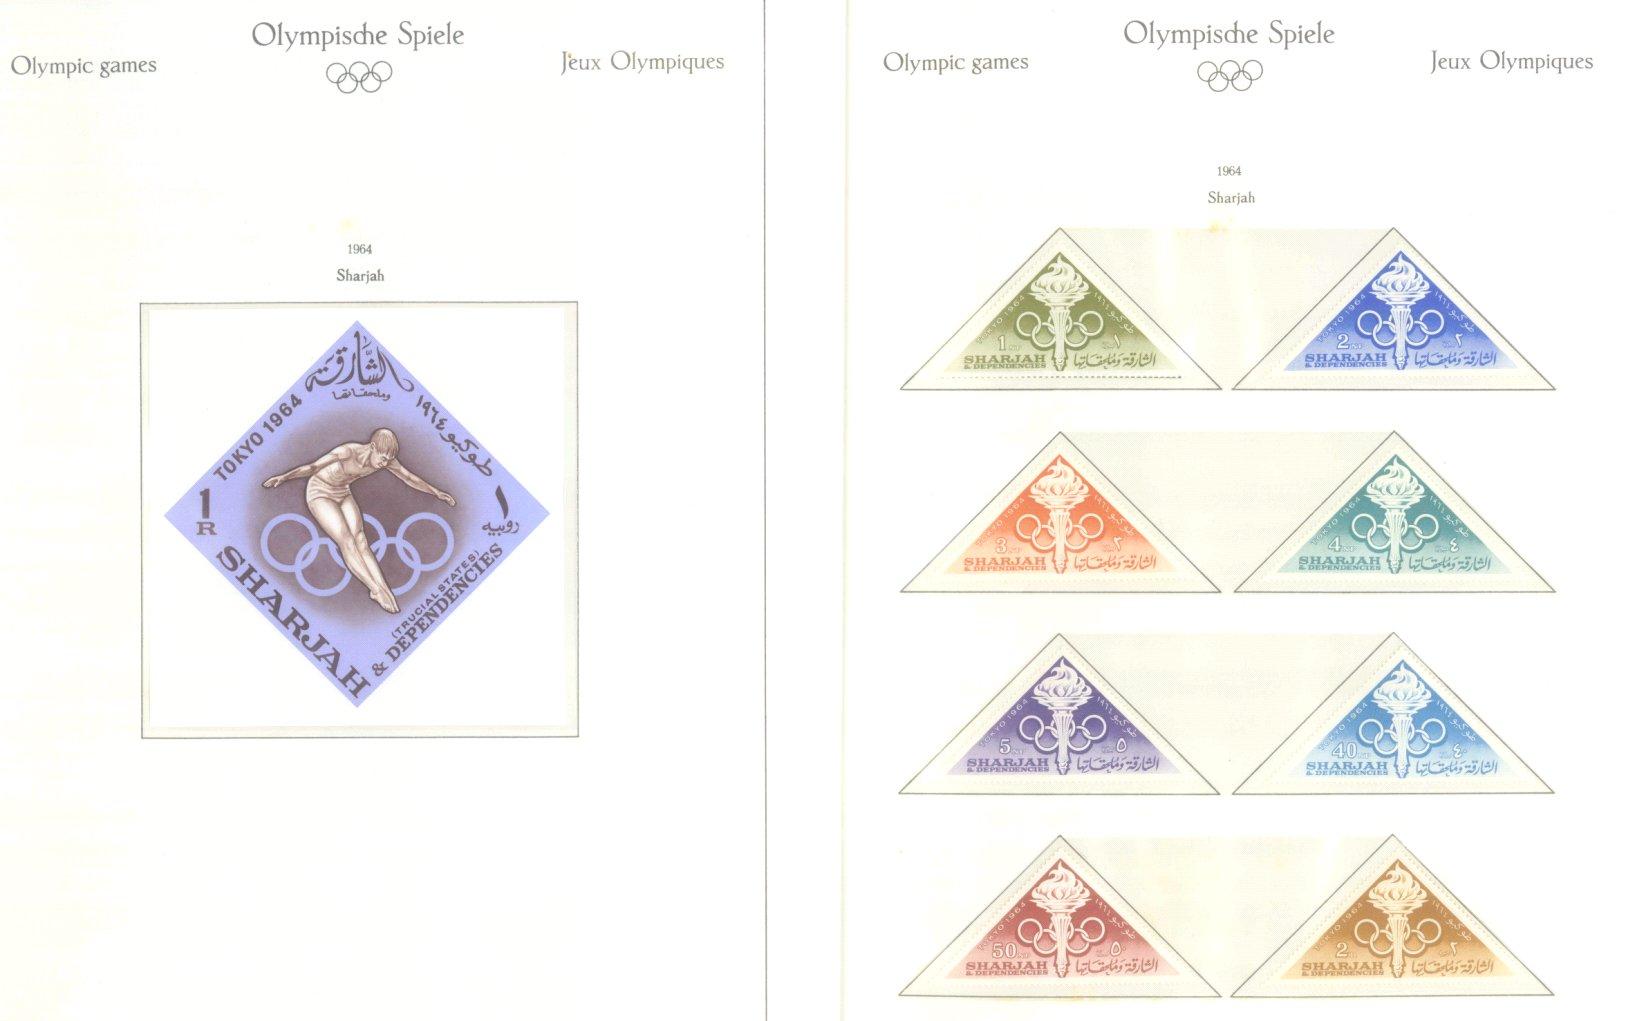 OLYMPISCHE SPIELE 1964 TOKIO, postfrische Sammlung Teil 2-35